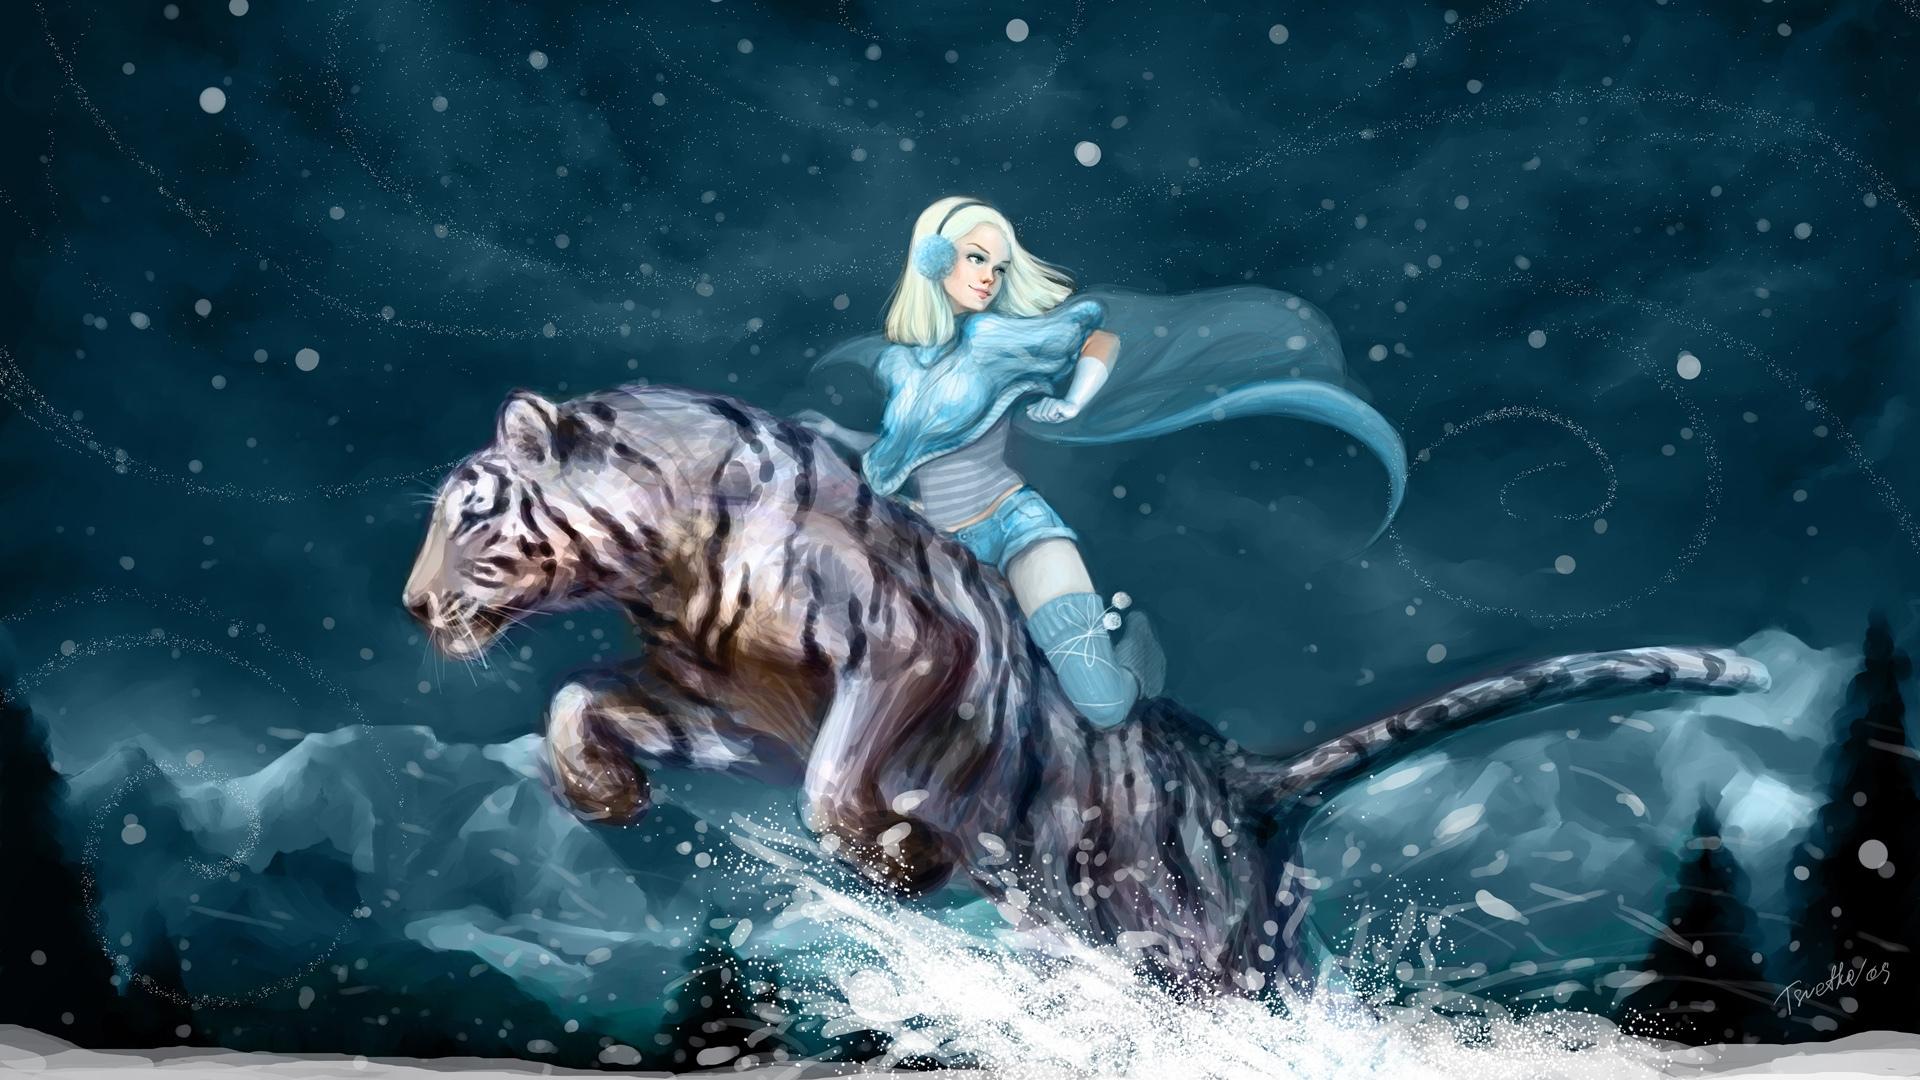 животные девушка тигр фэнтези скачать